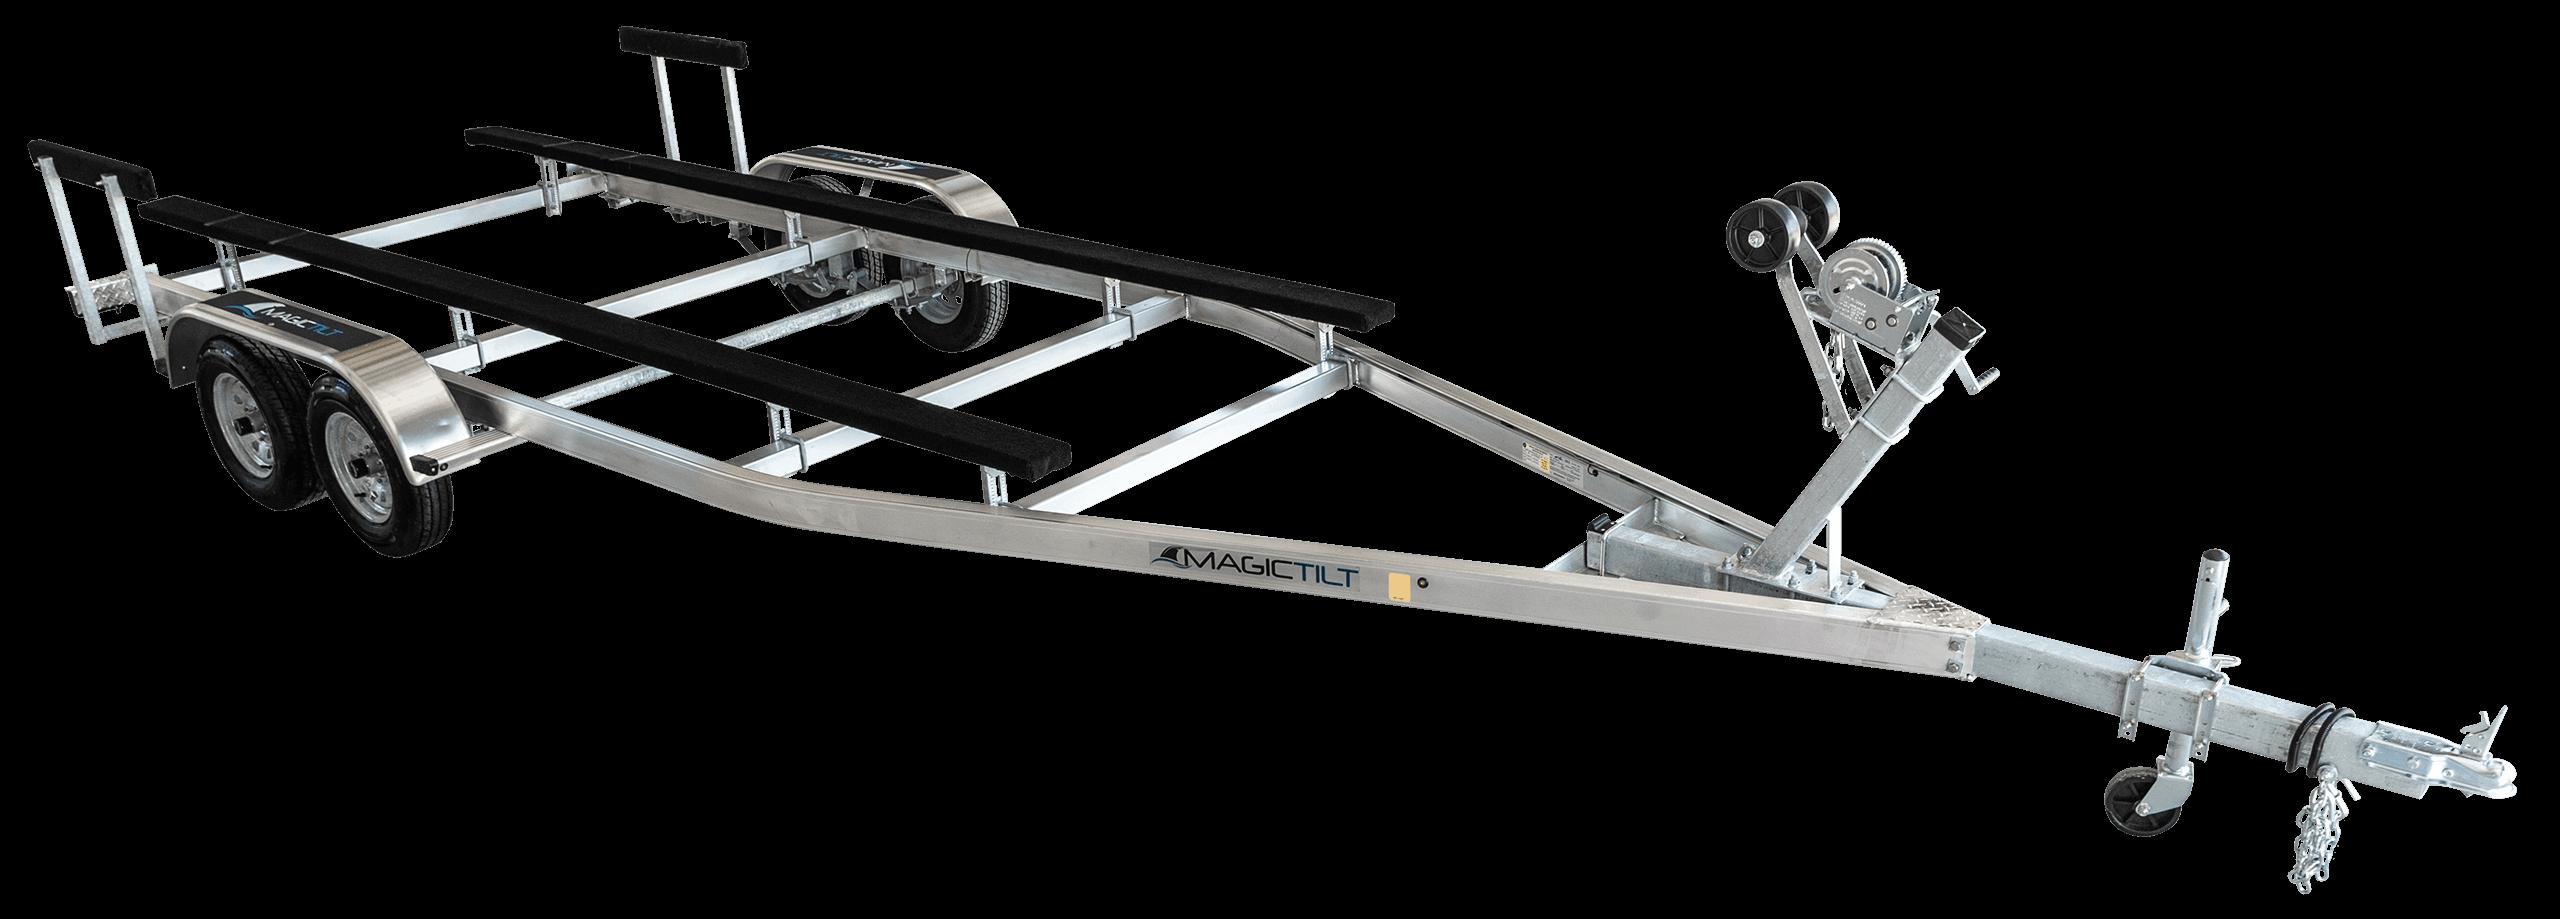 Skiff Series Tandem Axle Aluminum